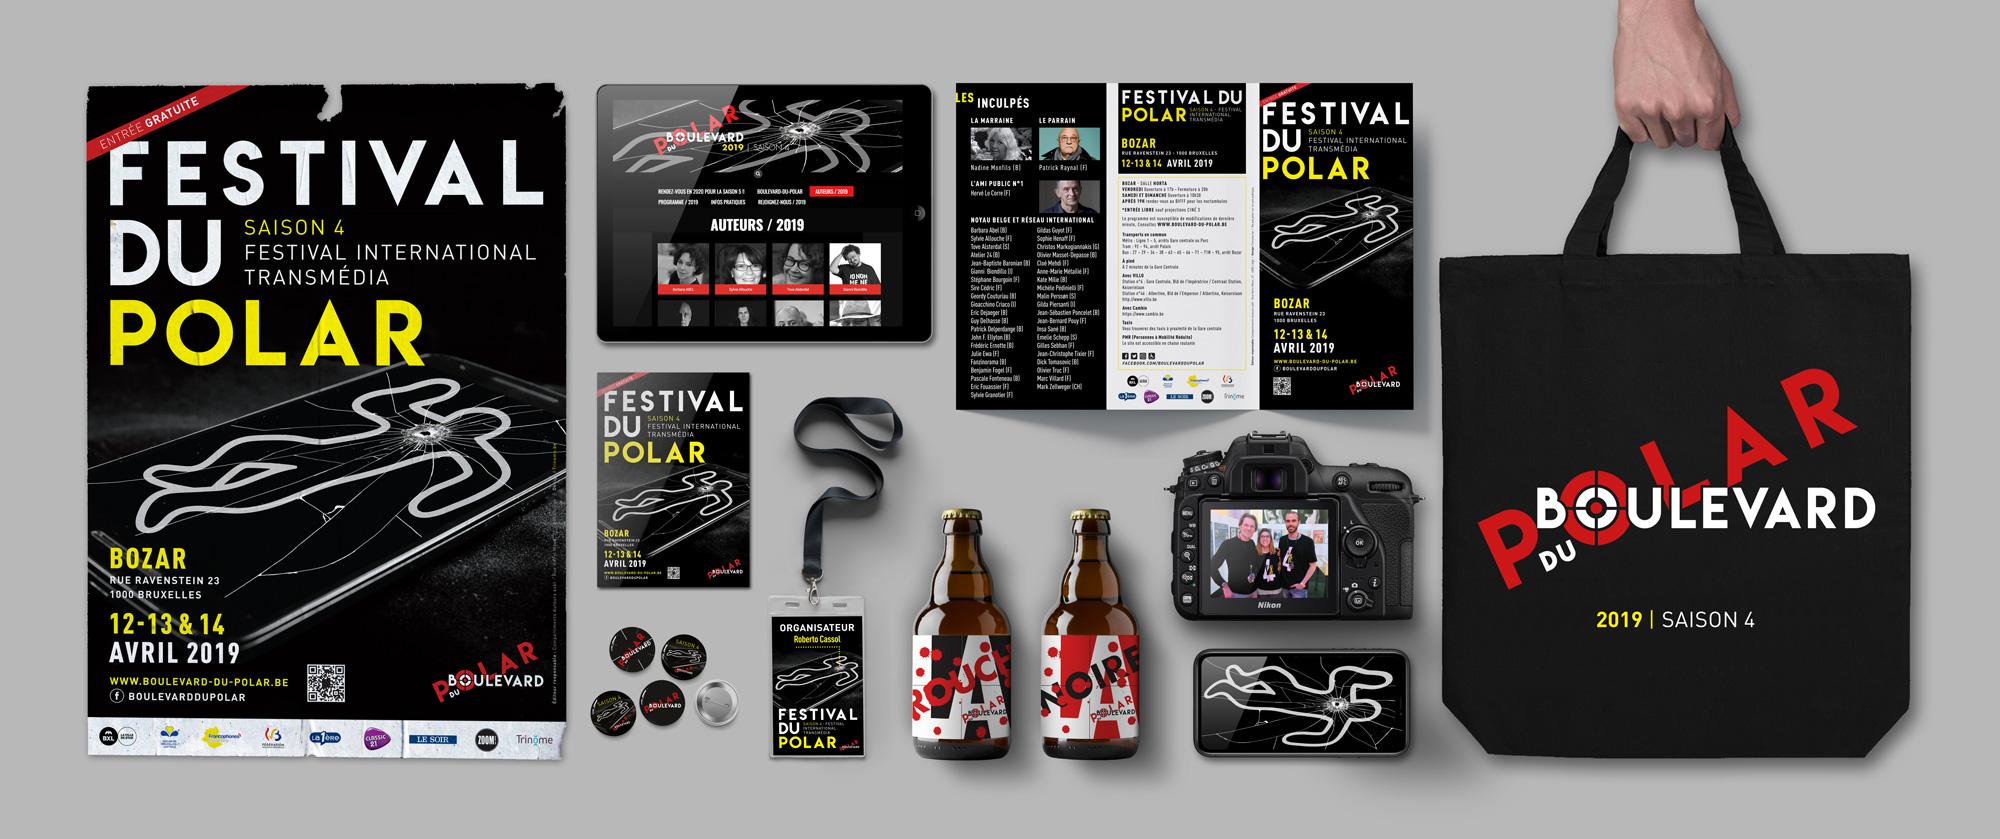 Festival du Polar 2019 - Branding